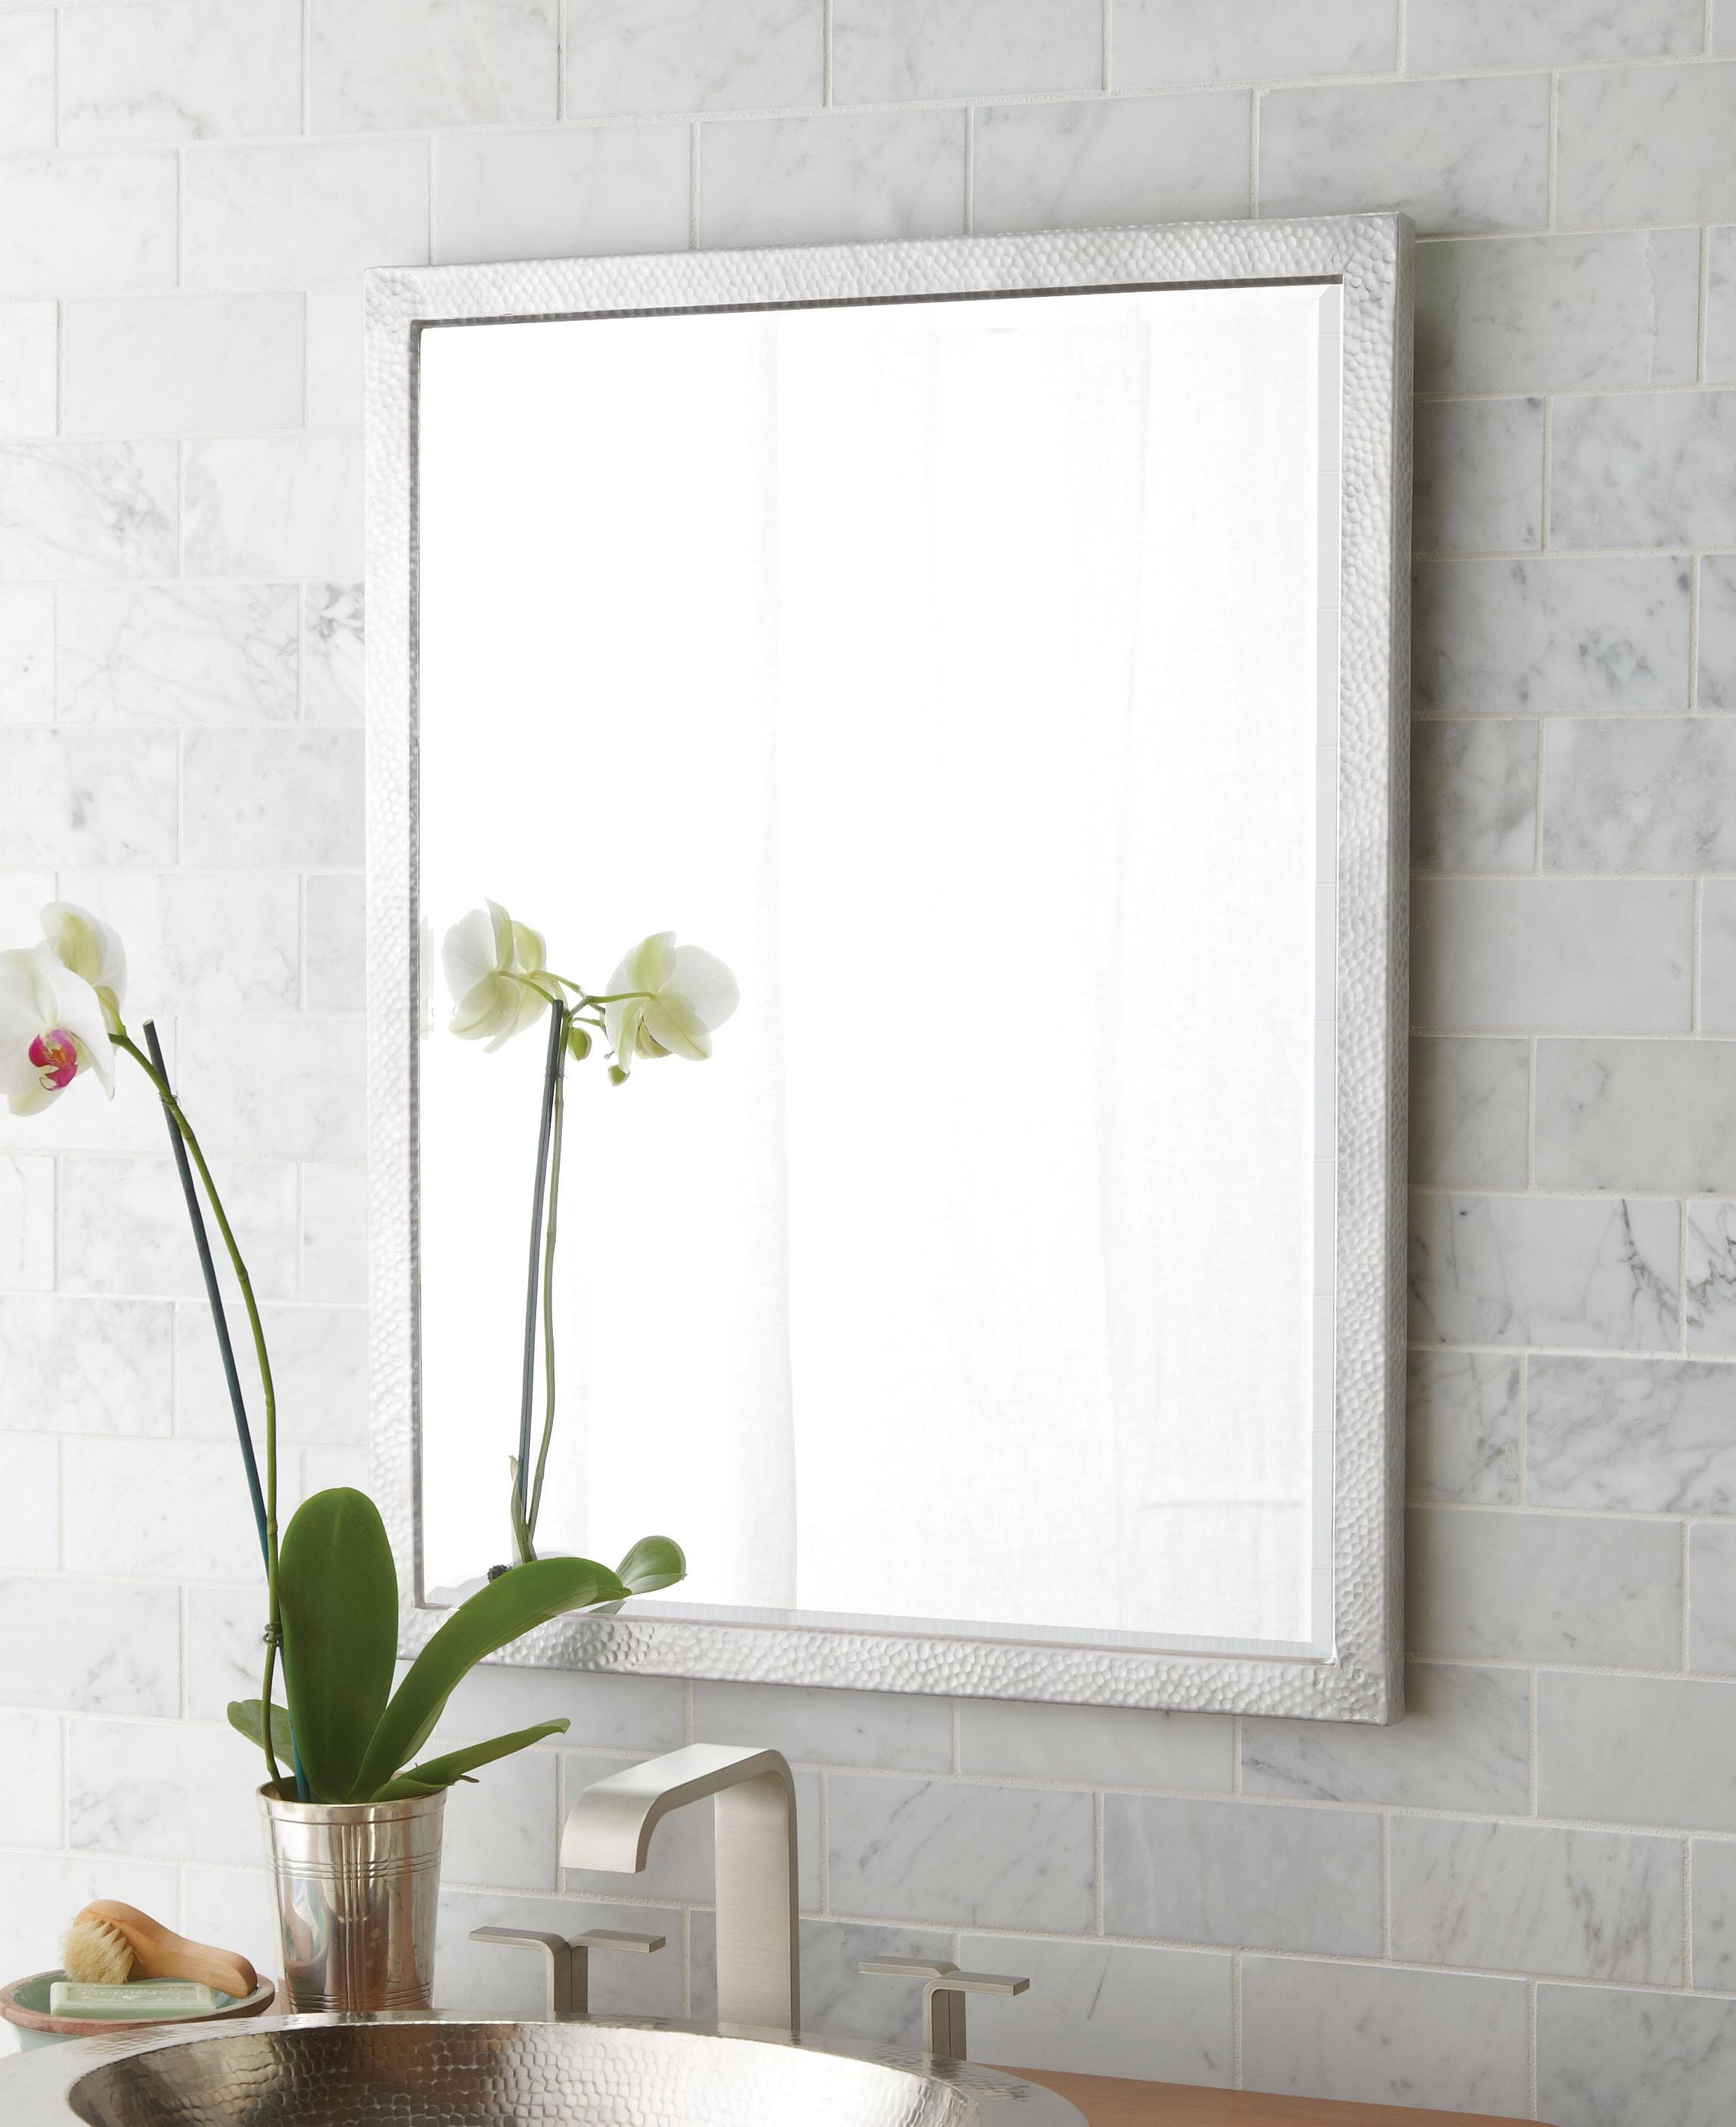 Bathroom Mirror With Chrome Frame